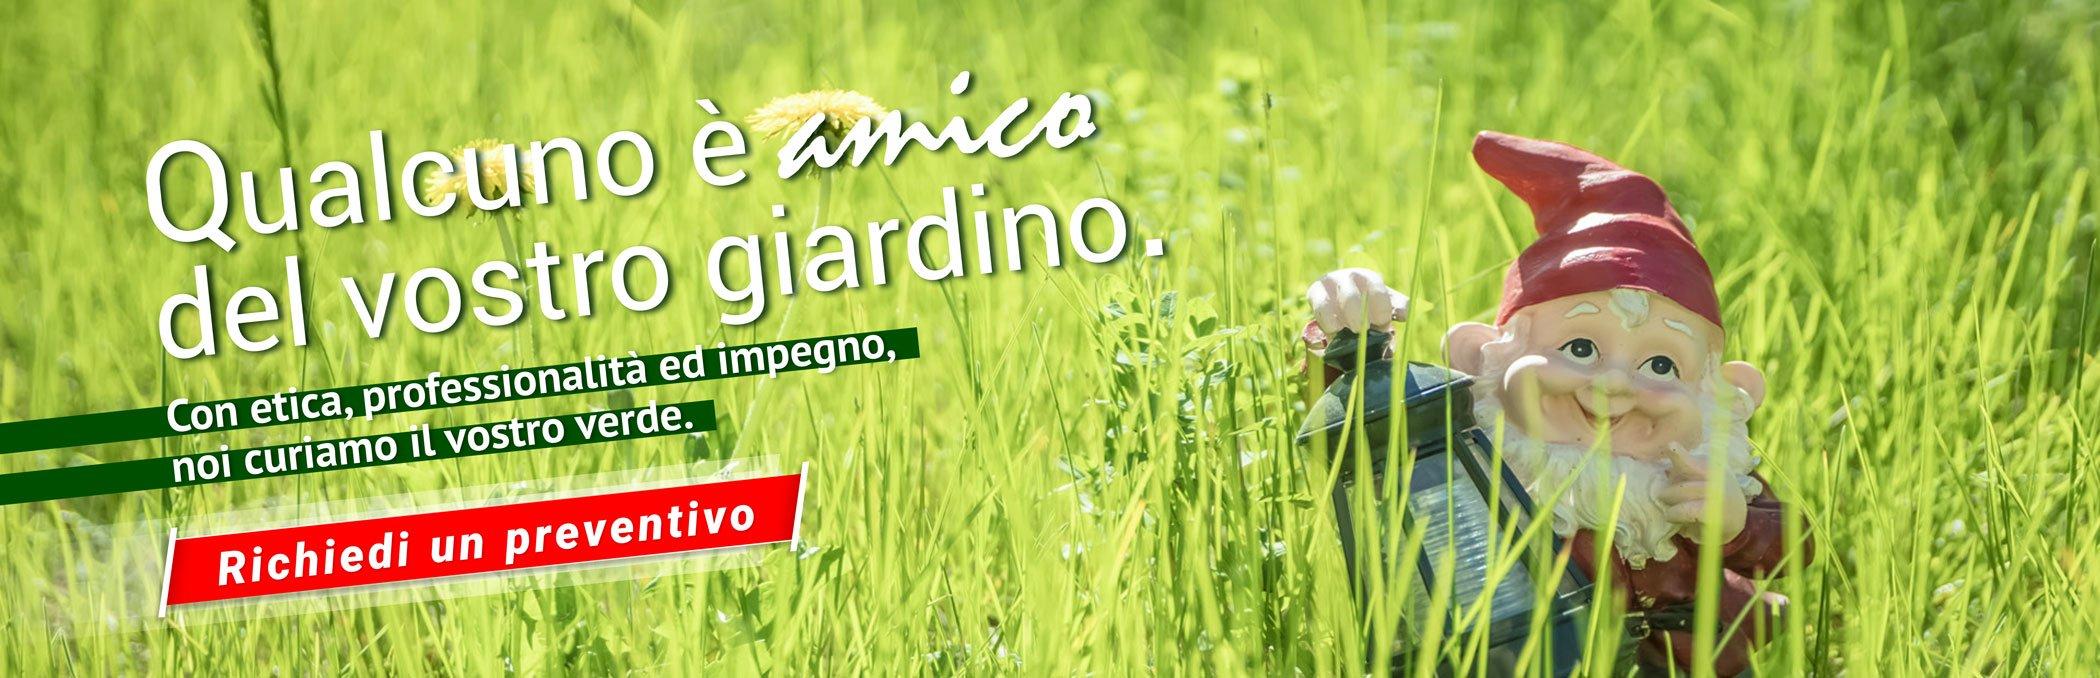 slide home verde cabiria parma